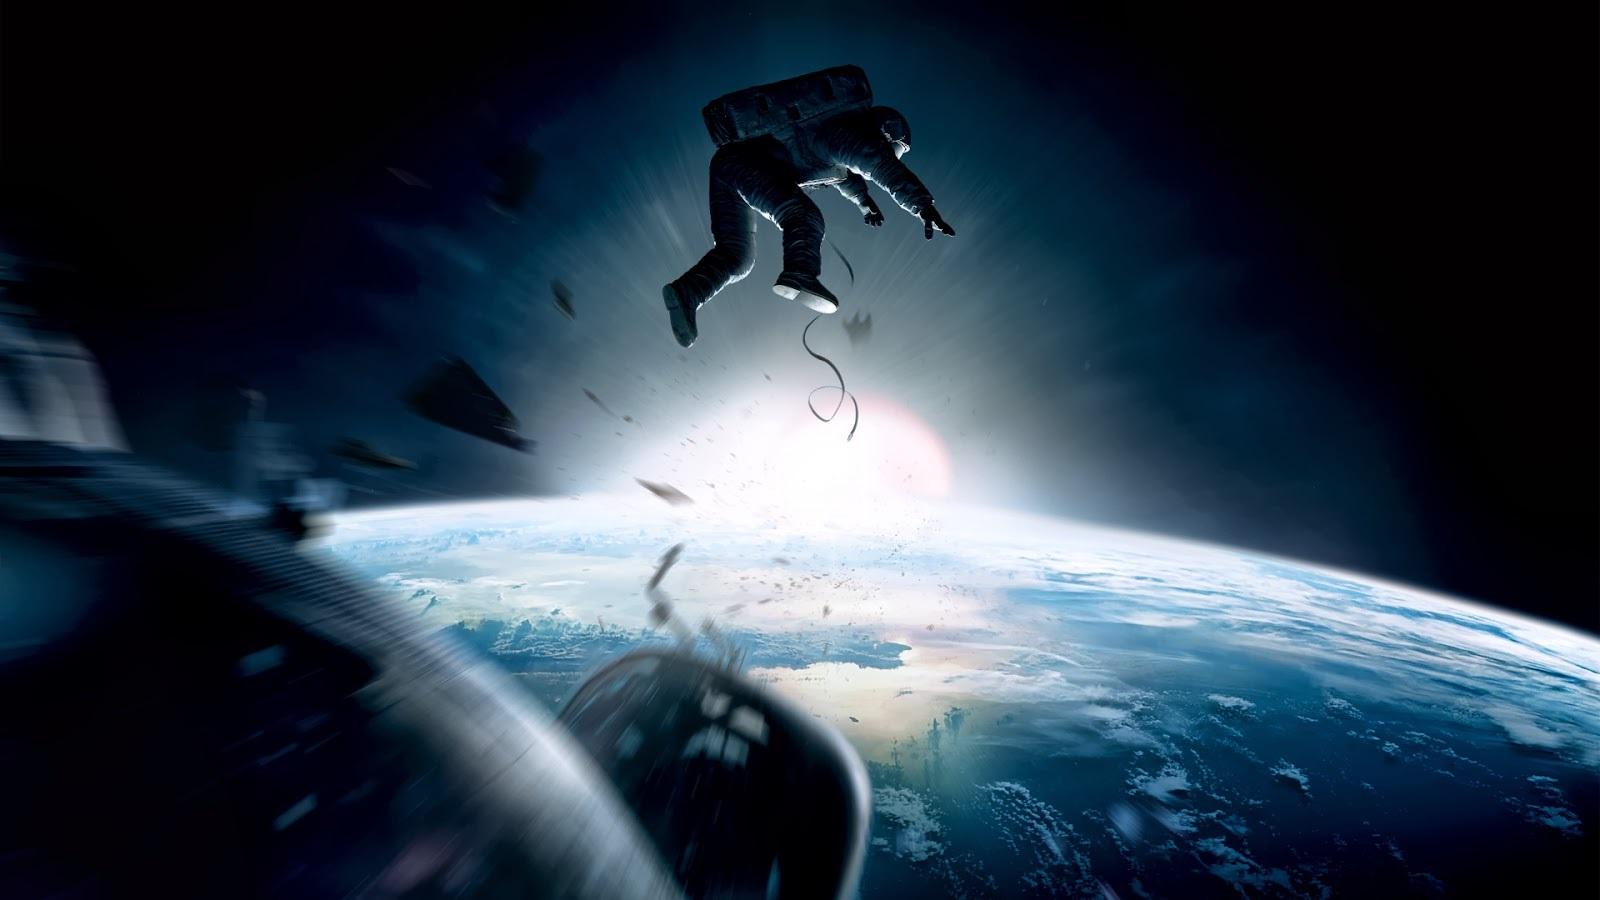 آیا در فضا اکسیژن وجود دارد؟